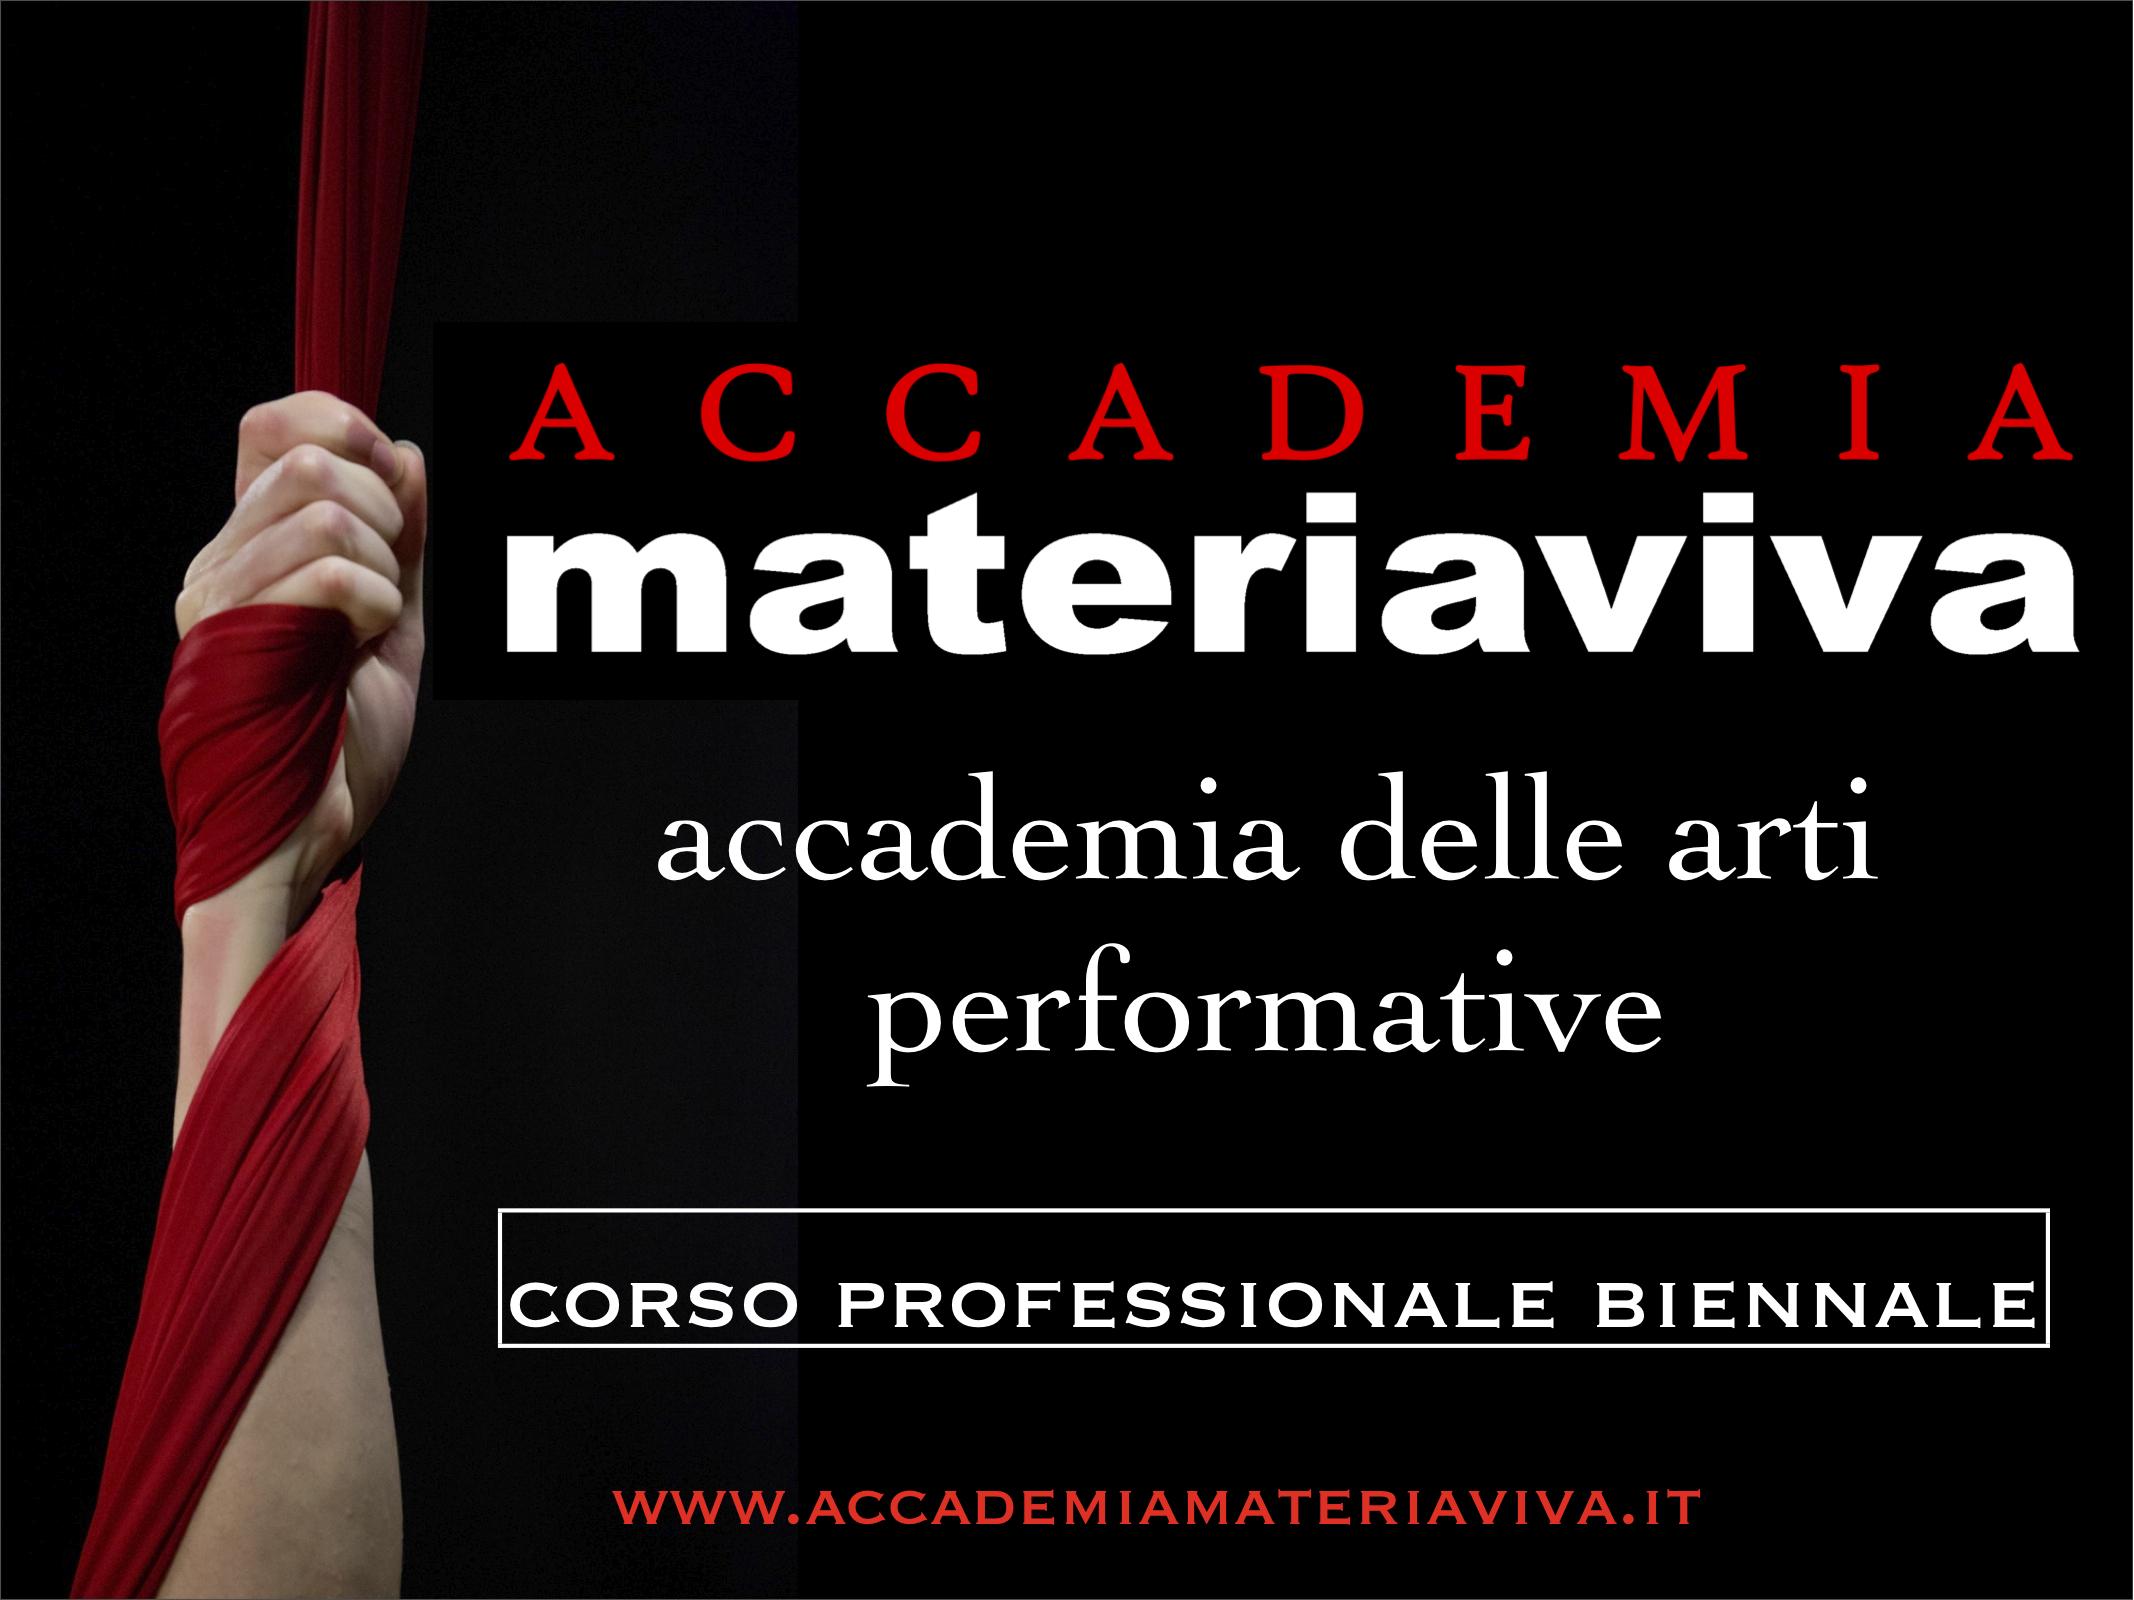 Corso Professionale biennale dell'Accademia